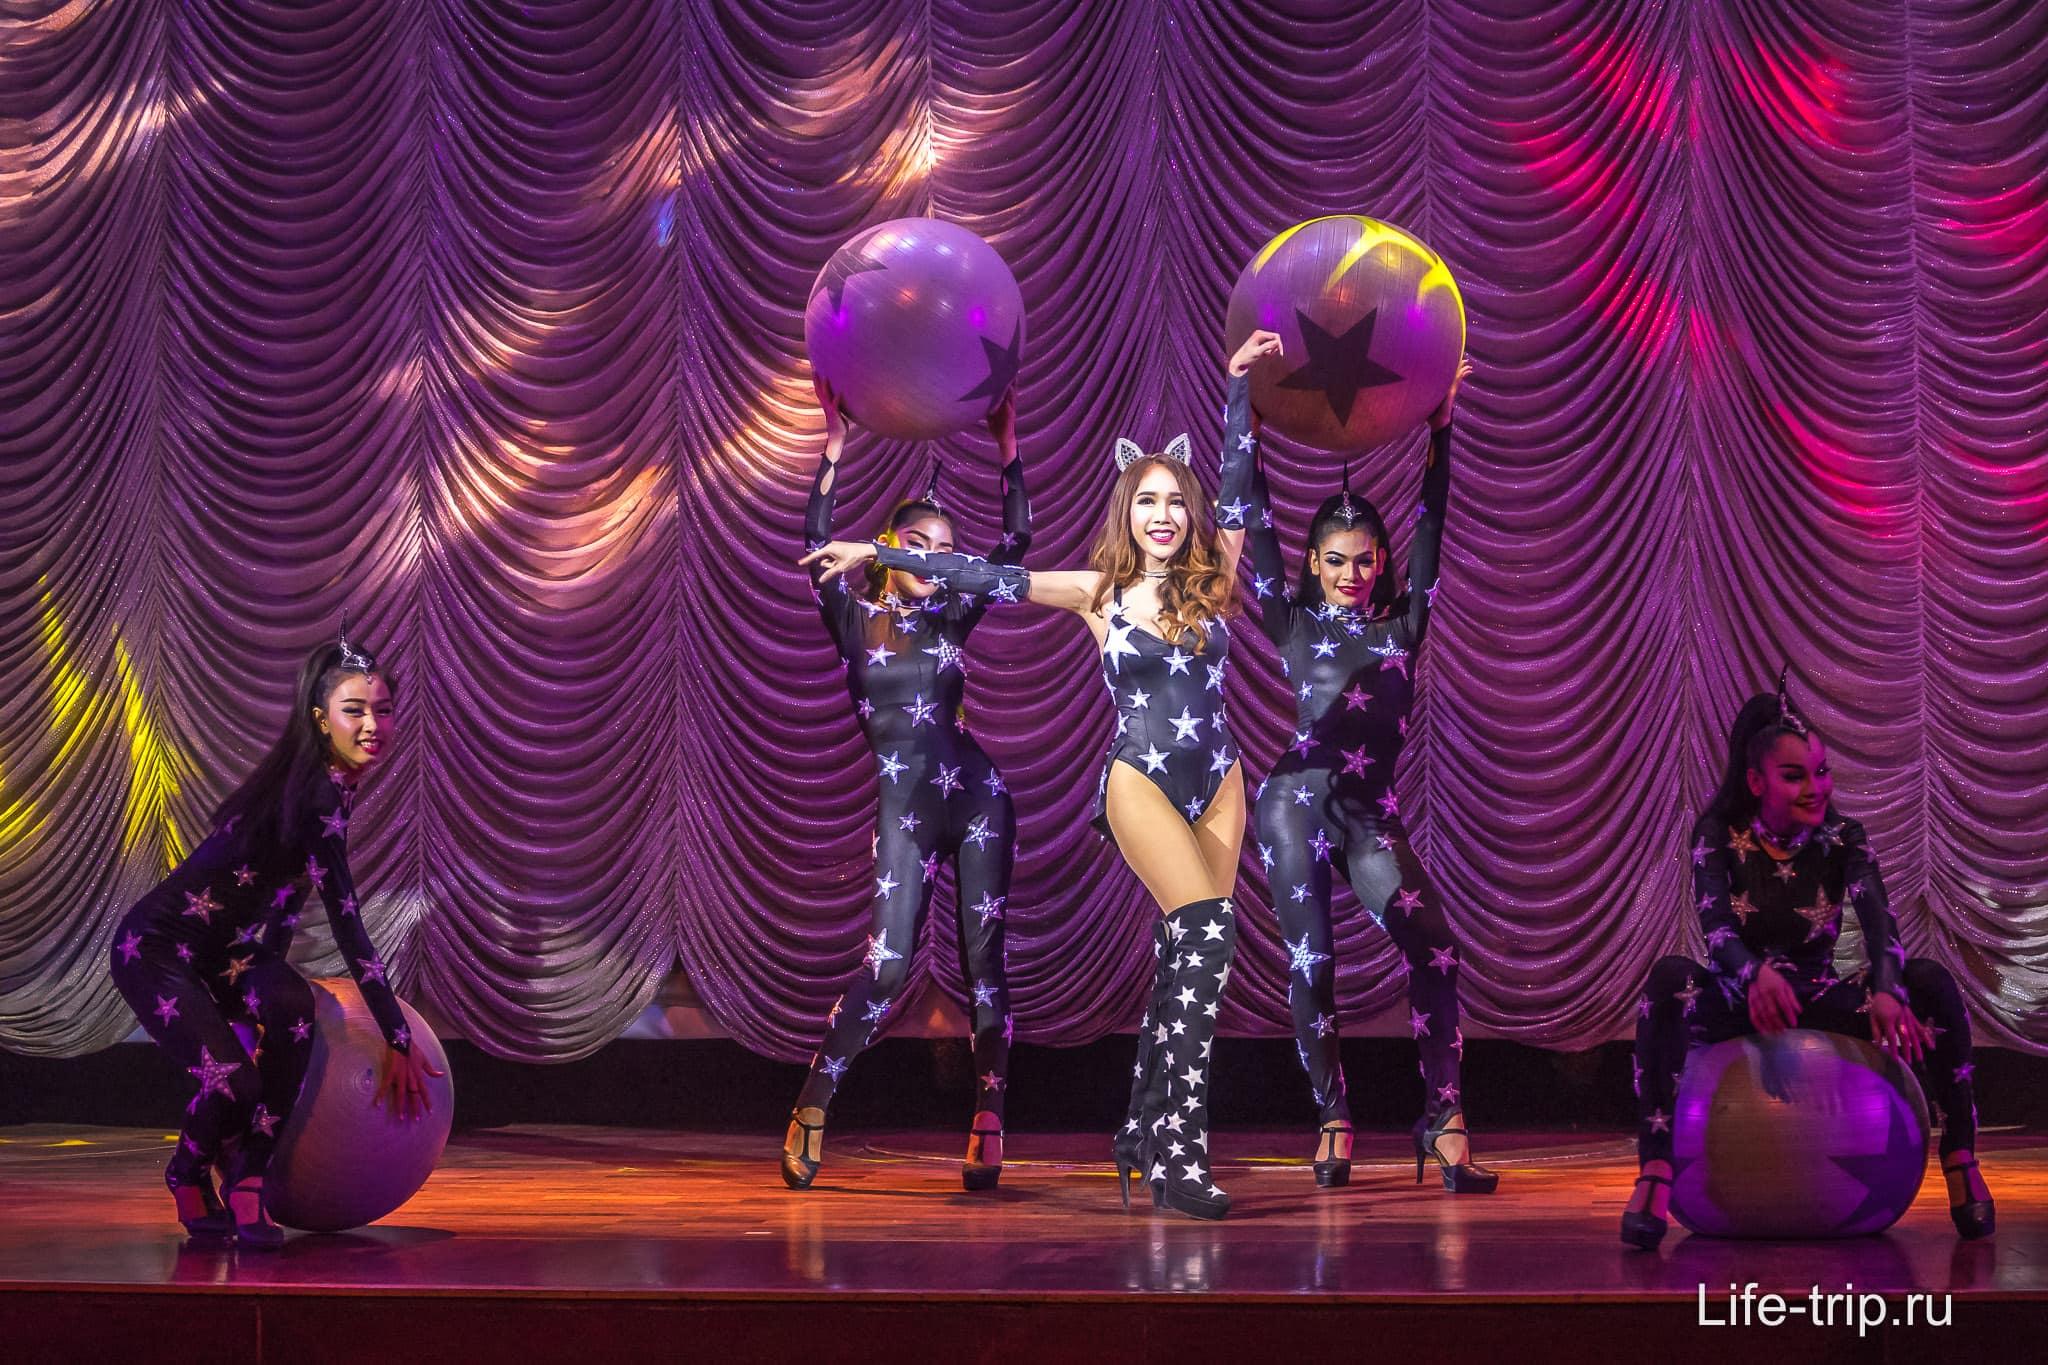 Шоу трансвеститов в израиле супер!